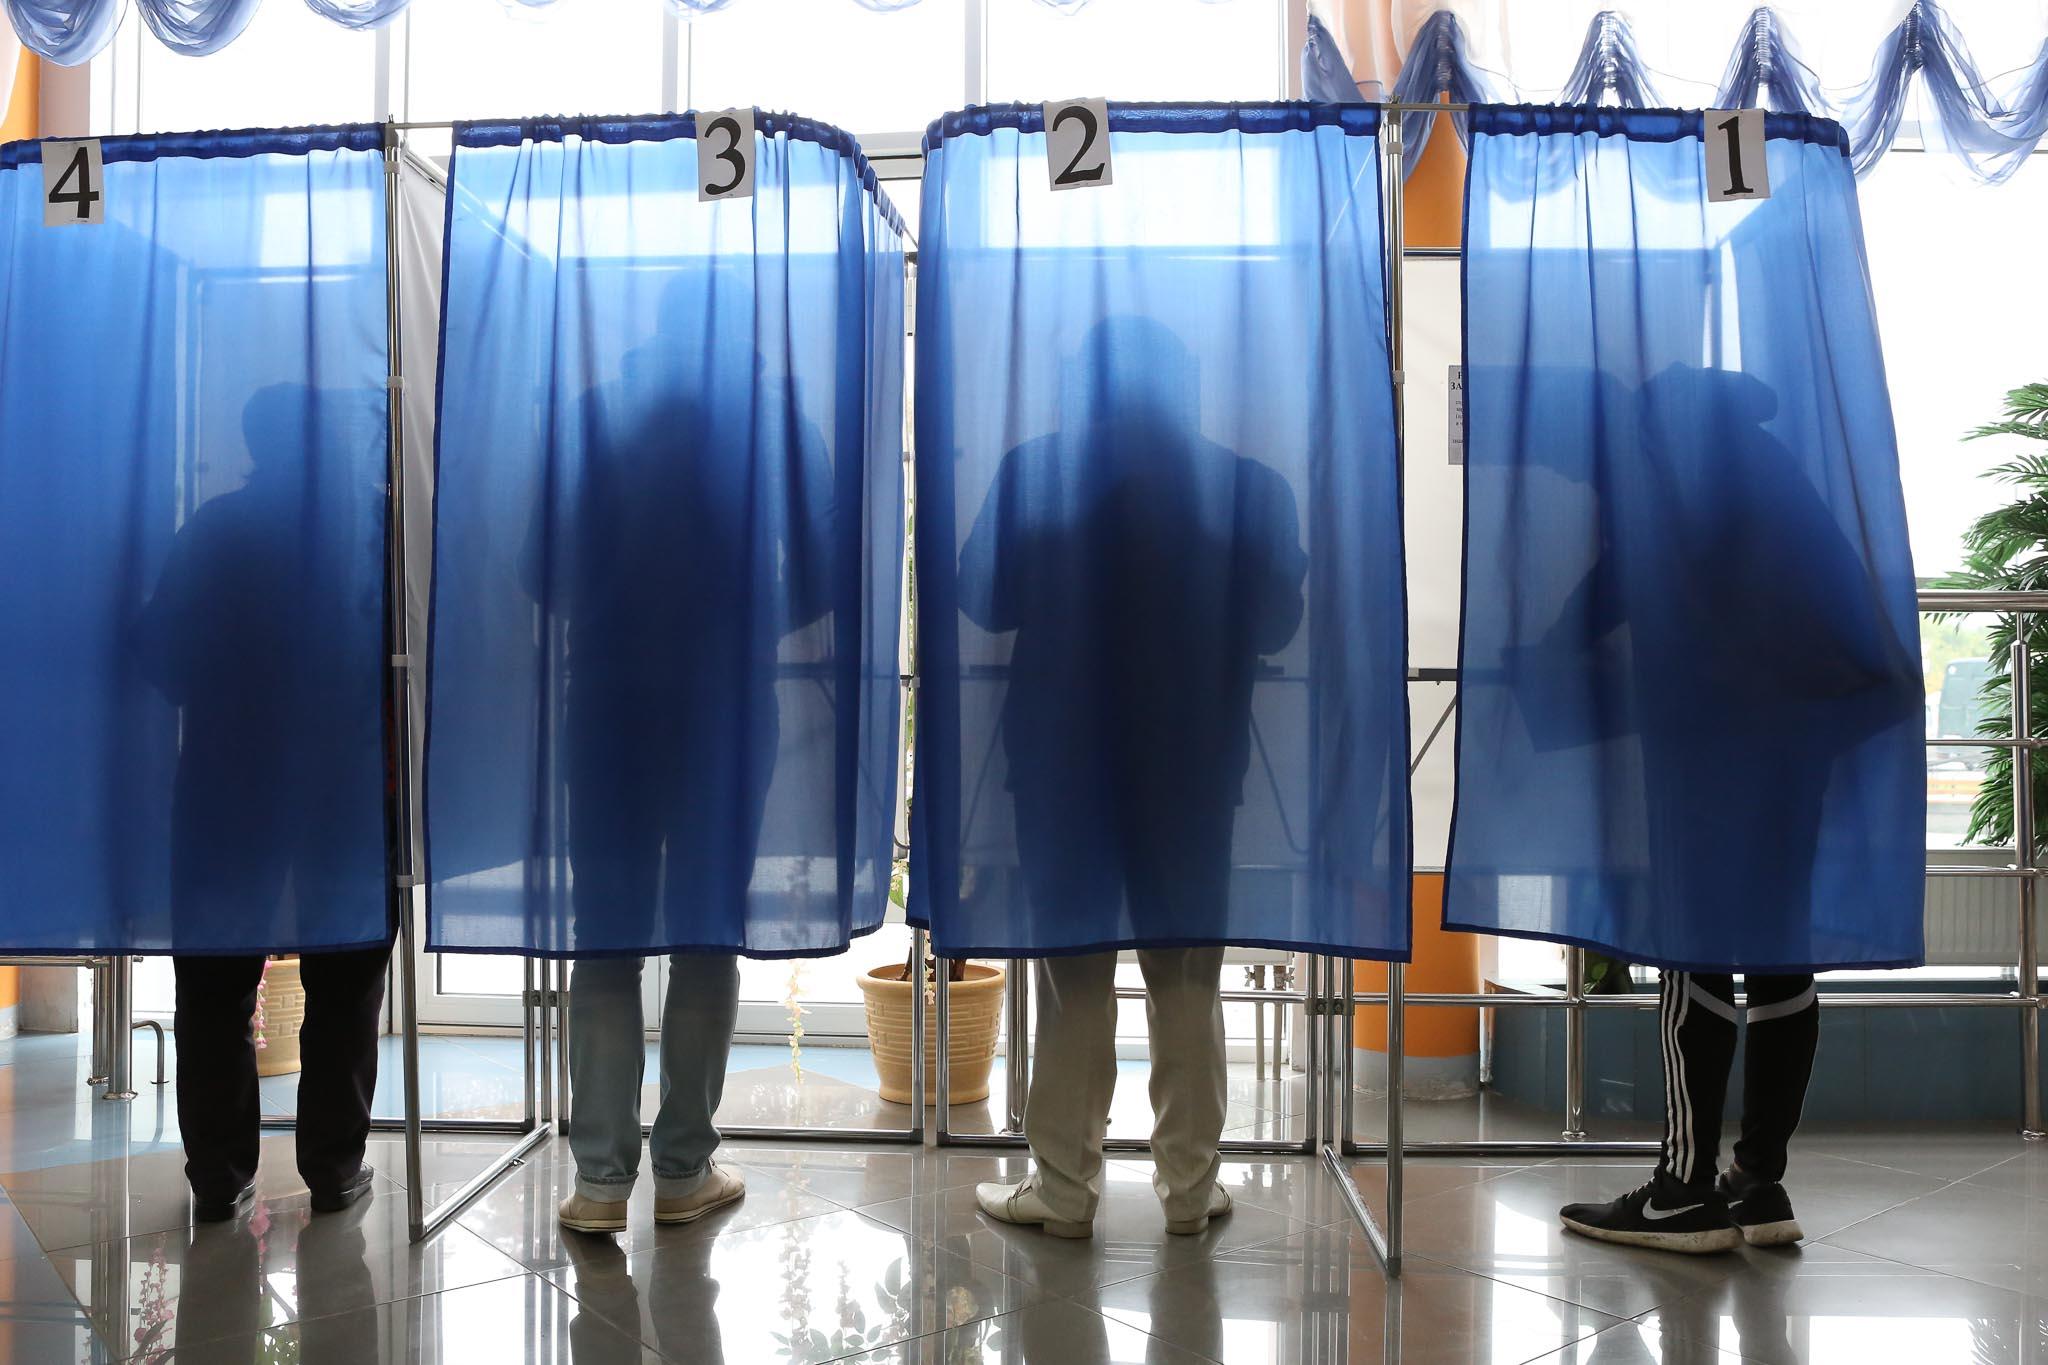 Выборы руководителя Белгородской области пройдут поновым нормам